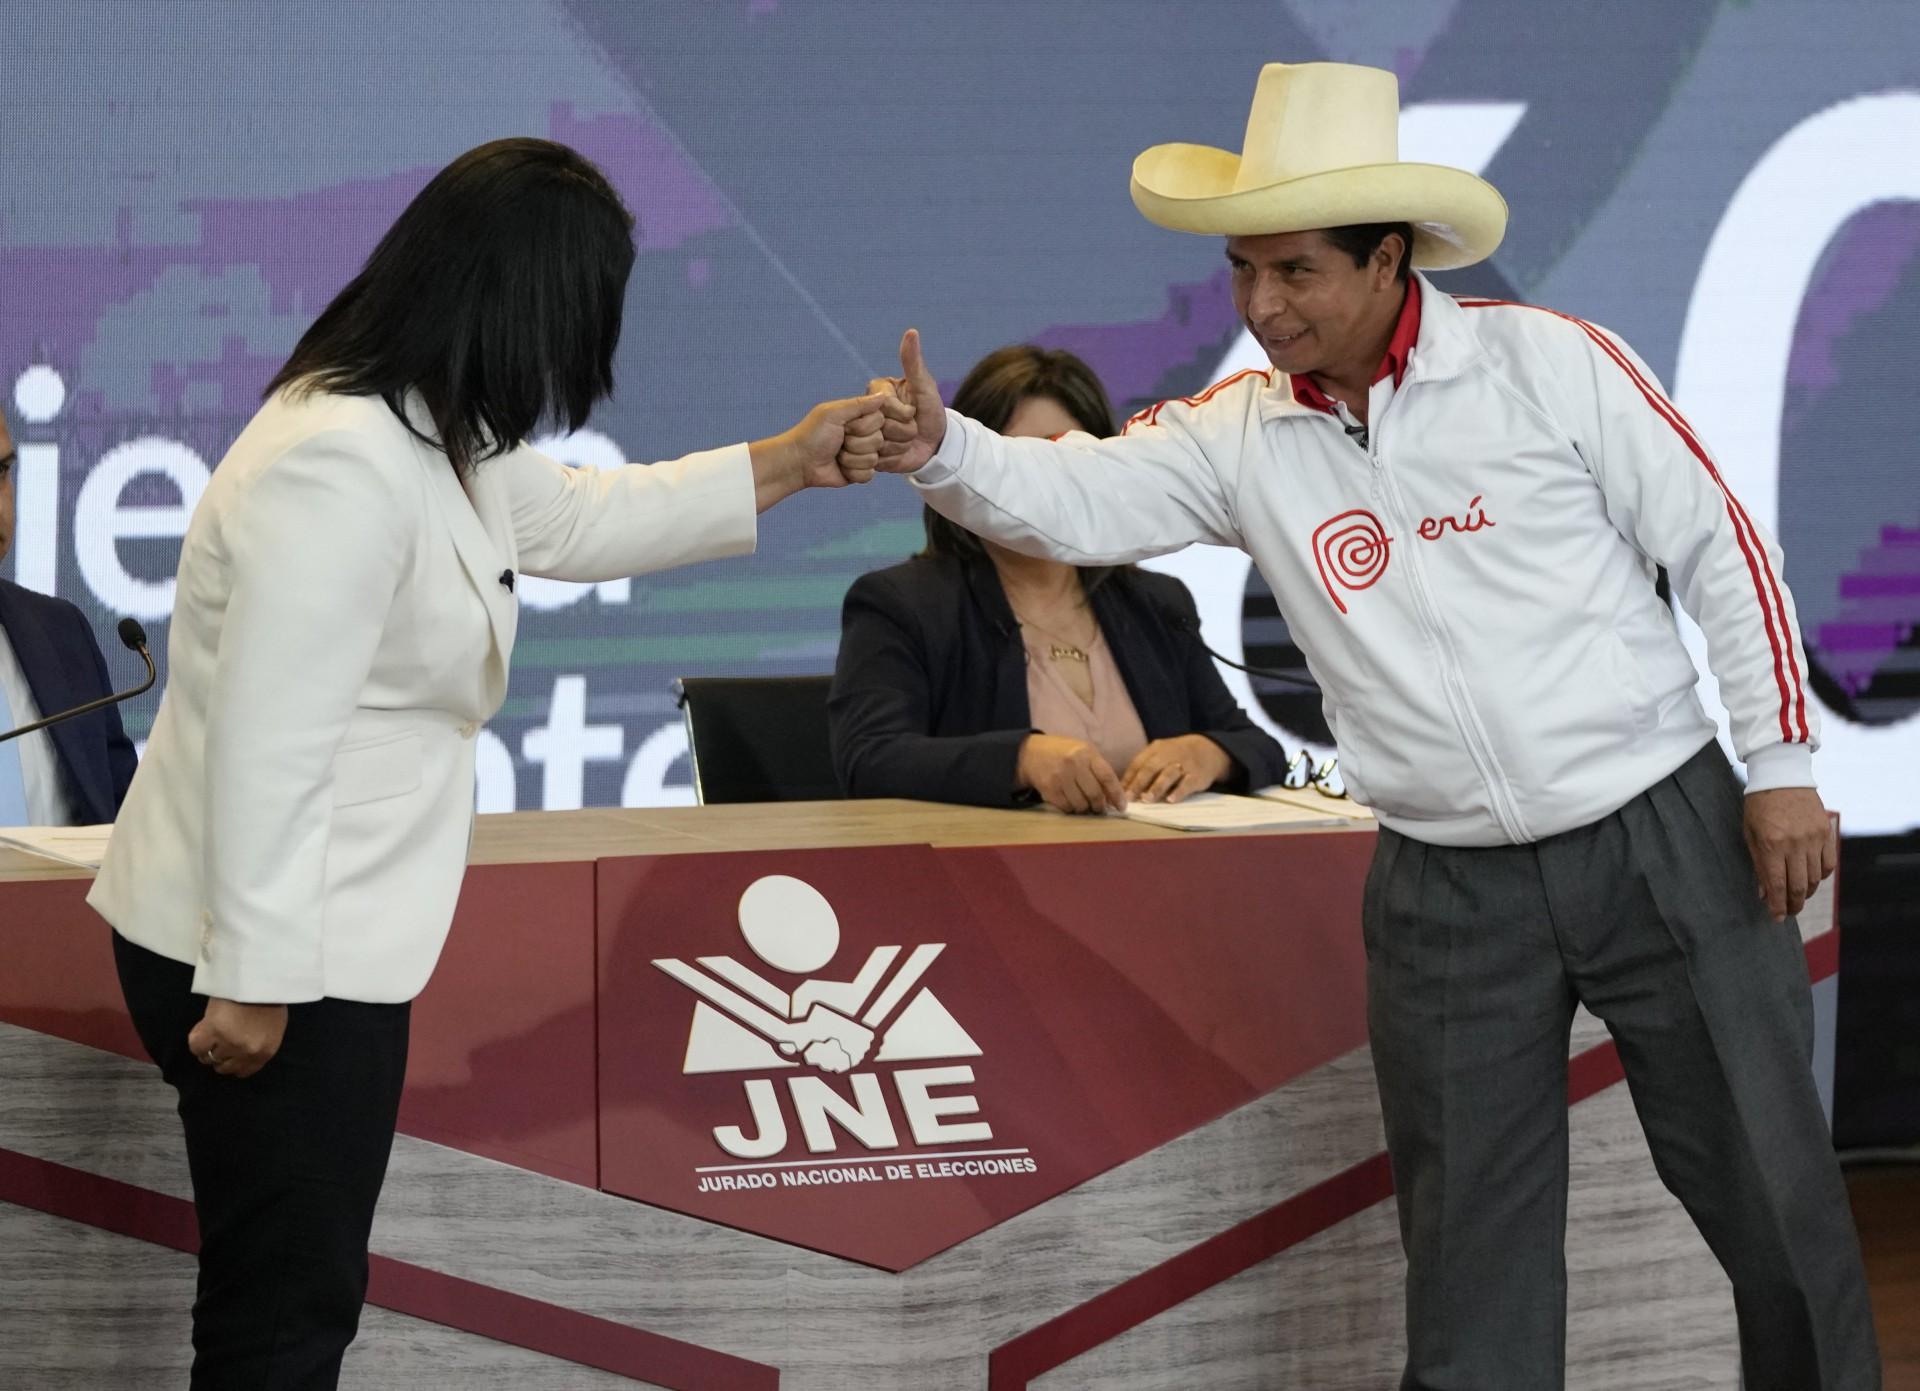 Os candidatos presidenciais peruanos, o socialista Pedro Castillo (R) e a direita Keiko Fujimori (L), cumprimentam antes do início de seu último debate antes do segundo turno das eleições de 6 de junho, em Arequipa, Peru, em 30 de maio de 2021. - Os candidatos debateram questões de saúde, educação, segurança, economia e corrupção. (Foto de Martin Mejia / X07403 / AFP)